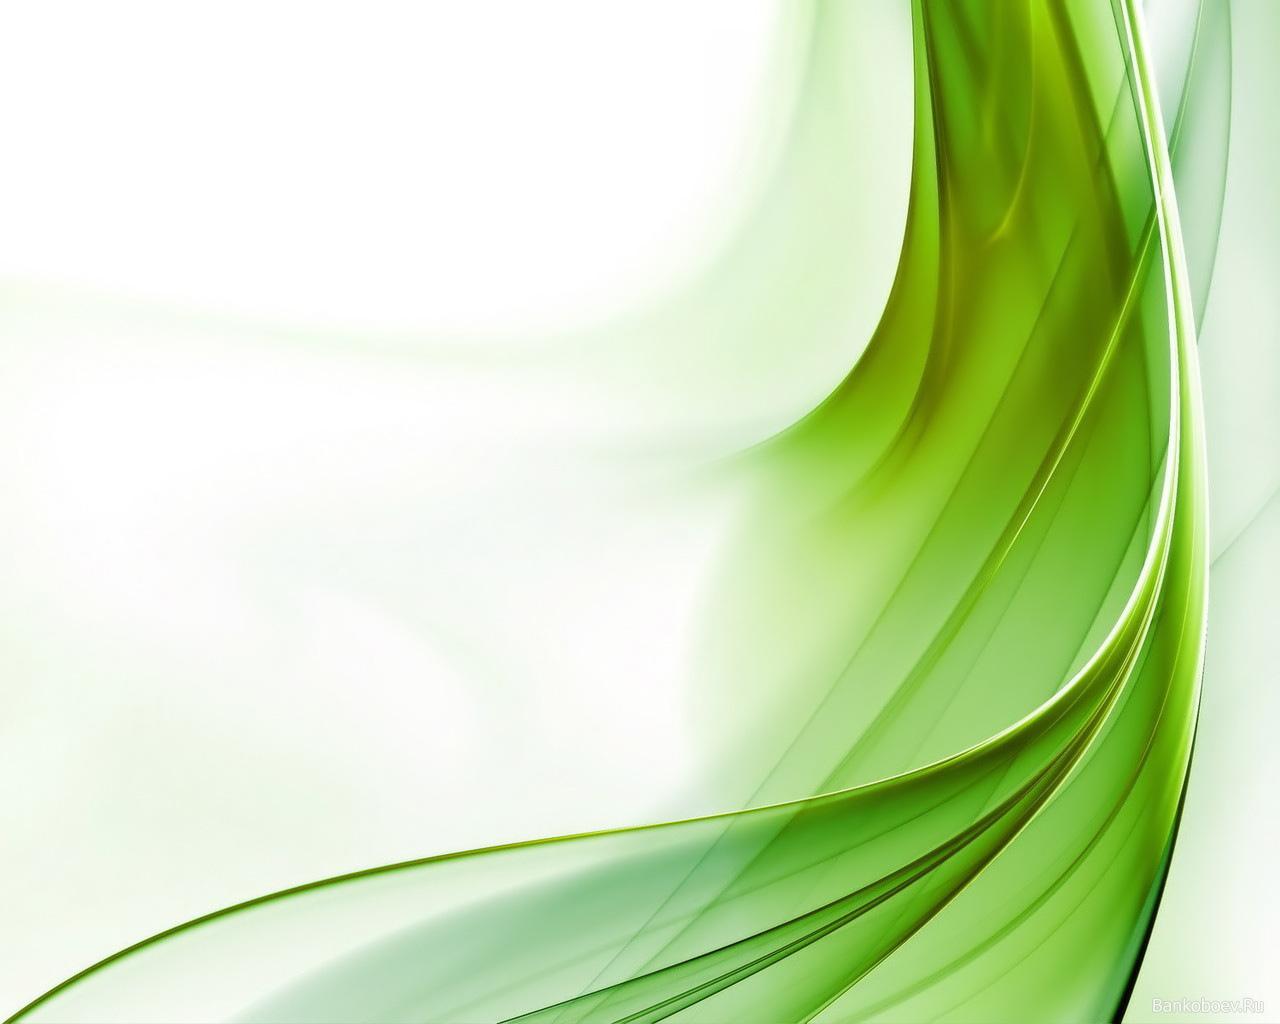 http://4.bp.blogspot.com/-KdYFE97ndBo/Tcdx3kCqK9I/AAAAAAAAApk/EQpJE4hwMMM/s1600/6241_1_other_wallpapers_hd_wallpapers_green.jpg